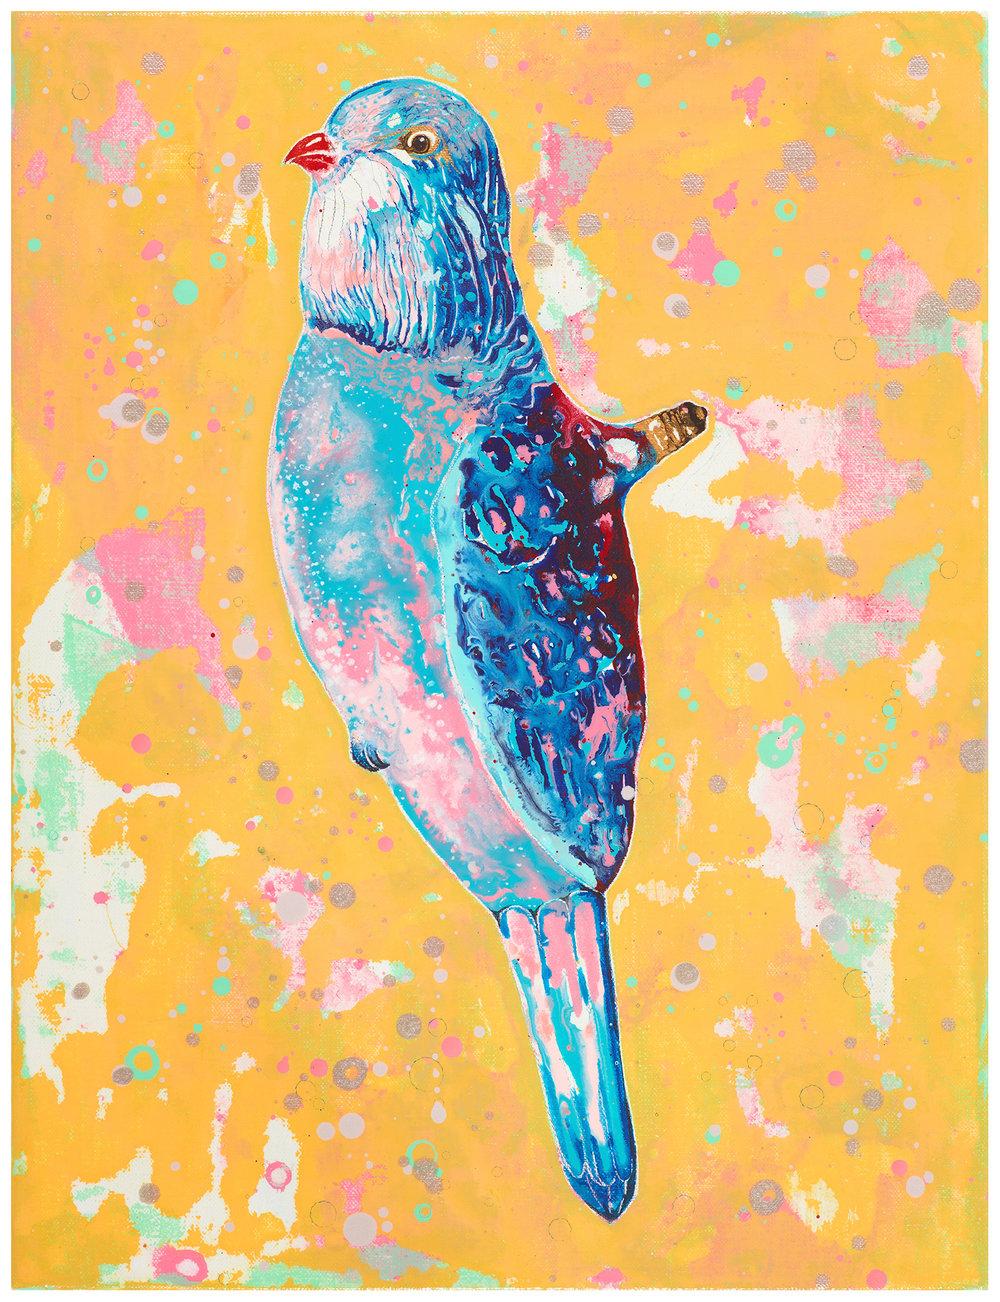 紅嘴燈泡鳥|Figural Light – Bird with Red Beak